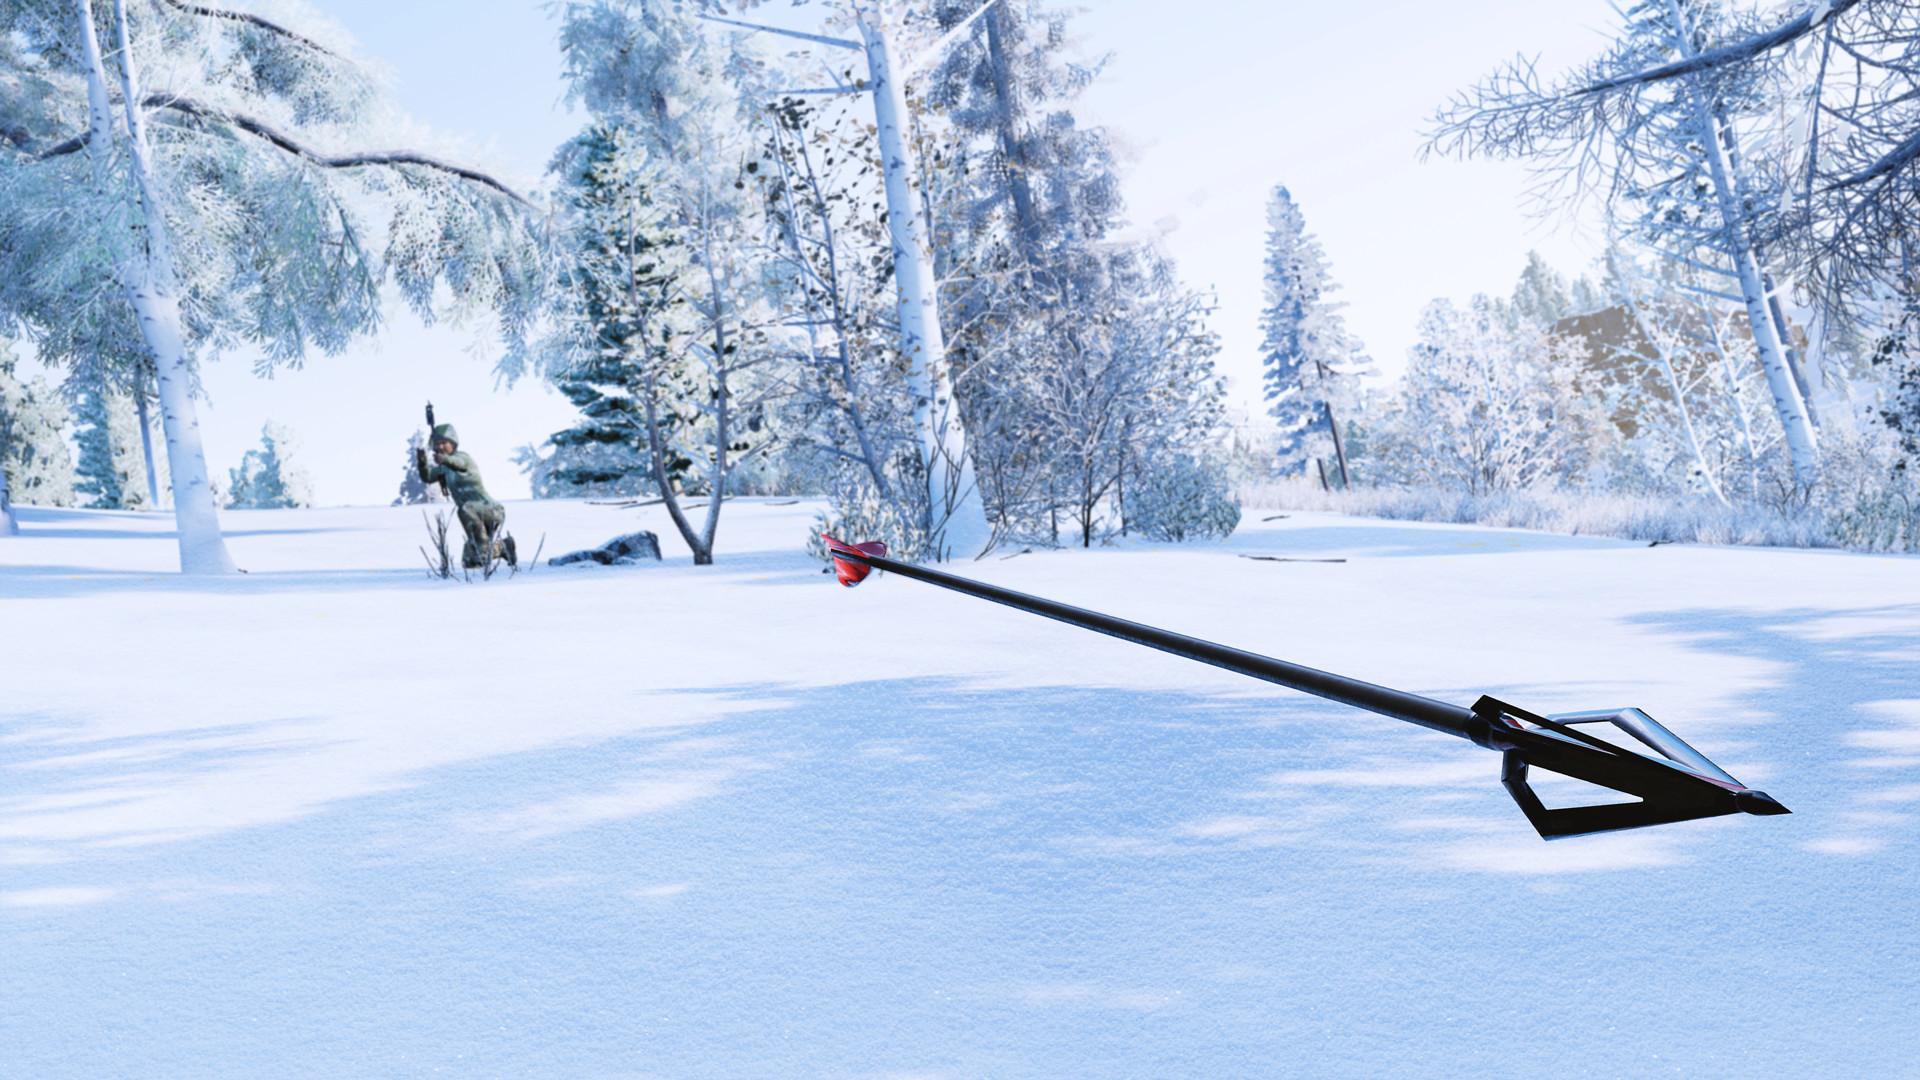 狩猎模拟/Hunting Simulator插图5